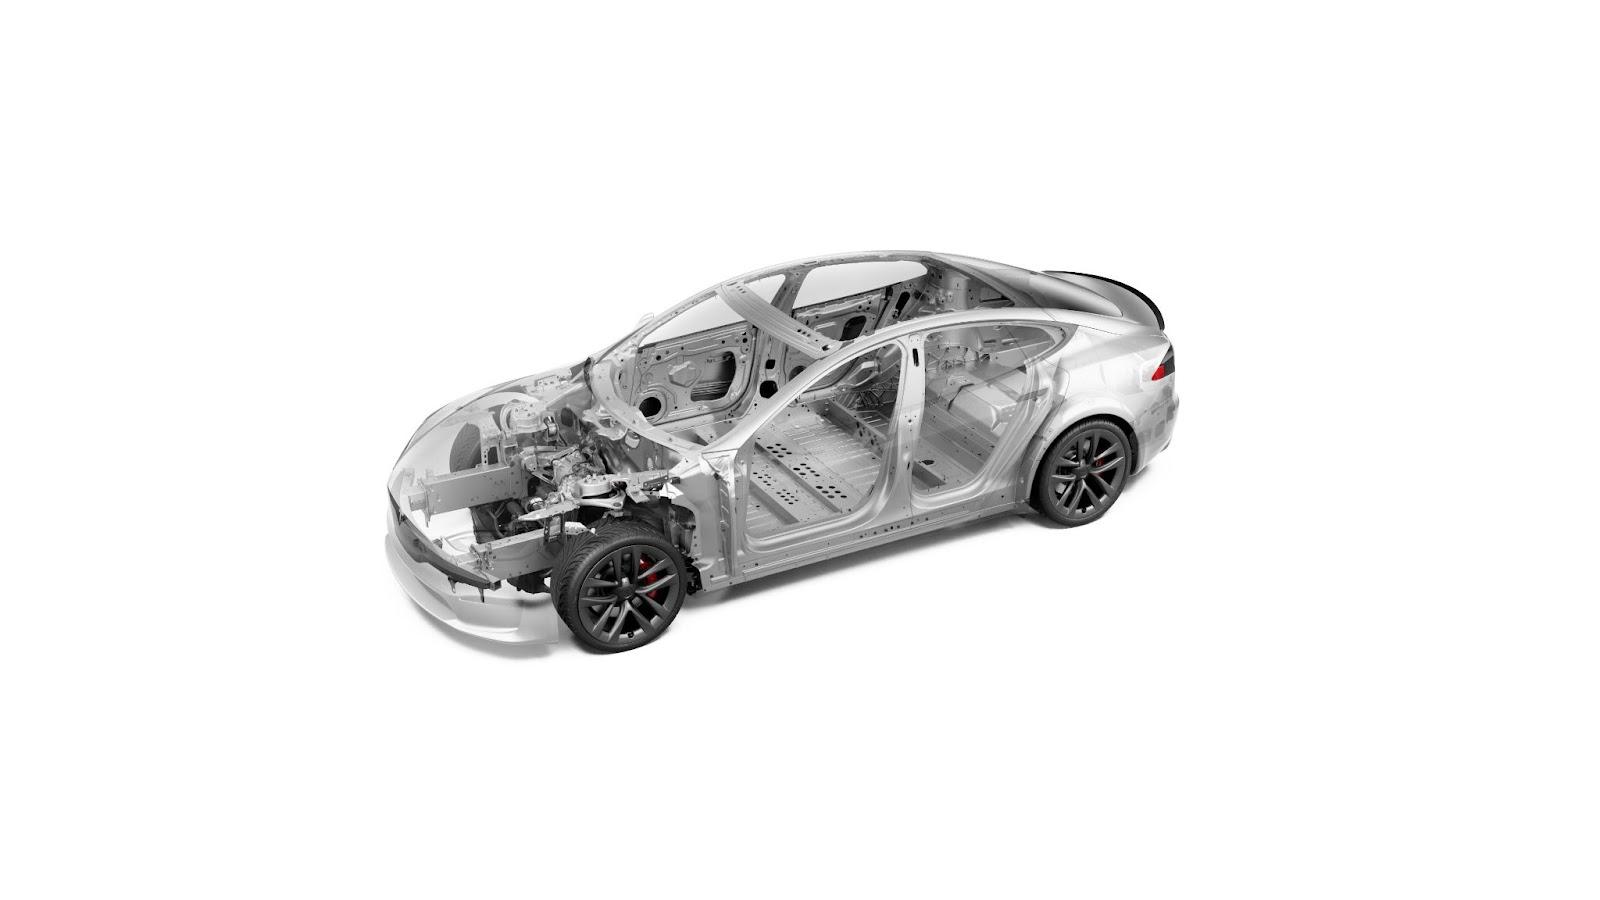 Intérieur de la voiture Tesla Model S Plaid